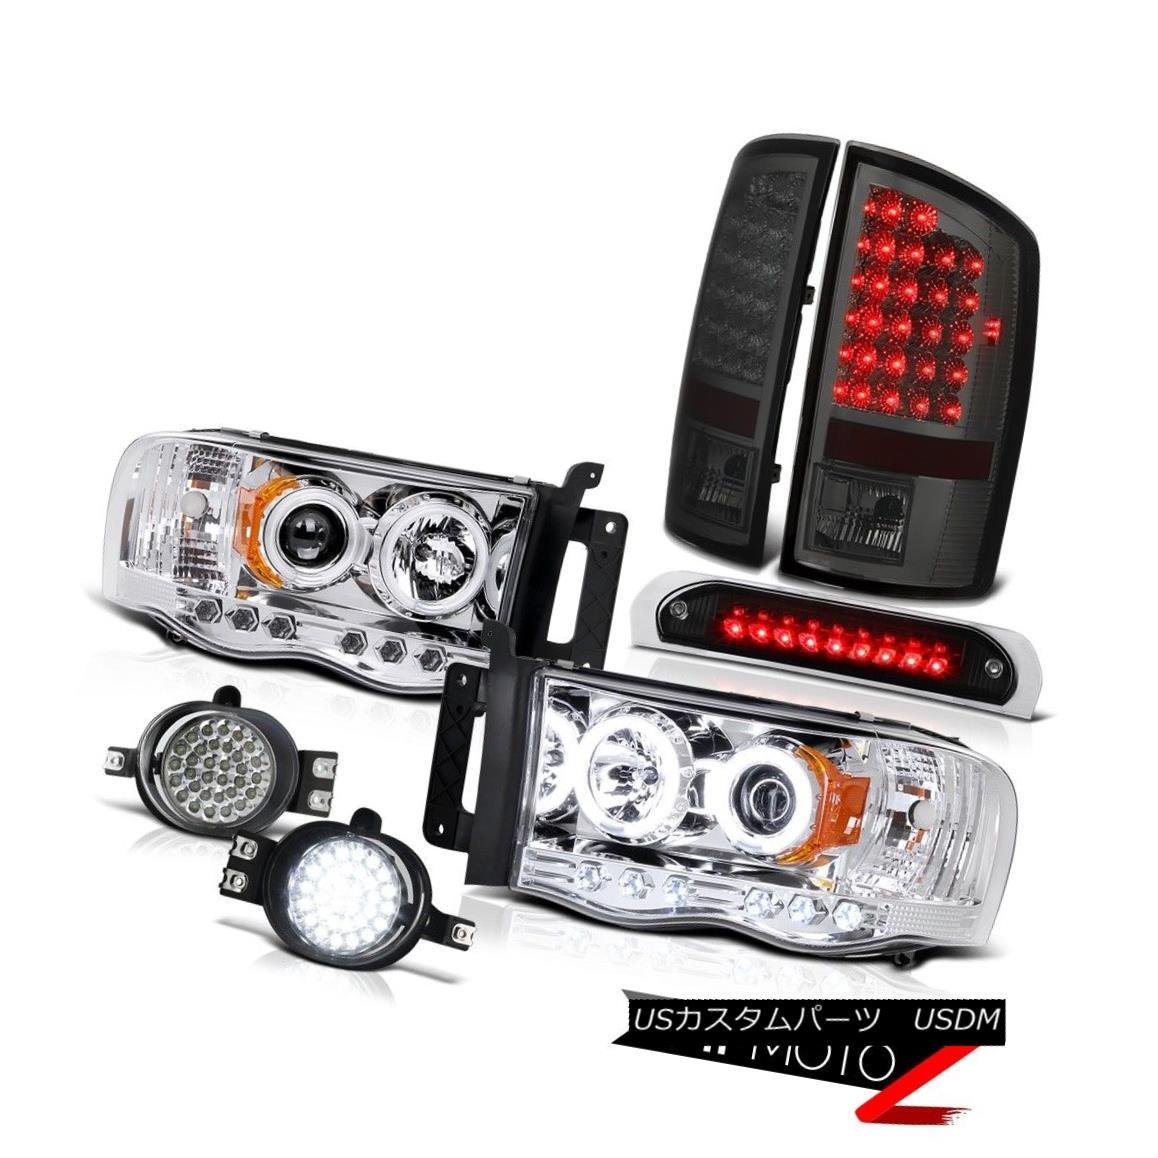 ヘッドライト Euro CCFL Headlights Halo Tail Light LED Trim Fog Black Brake 2002-2005 Ram 3500 ユーロCCFLヘッドライトハローテールライトLEDトリムフォグブラックブレーキ2002-2005 Ram 3500